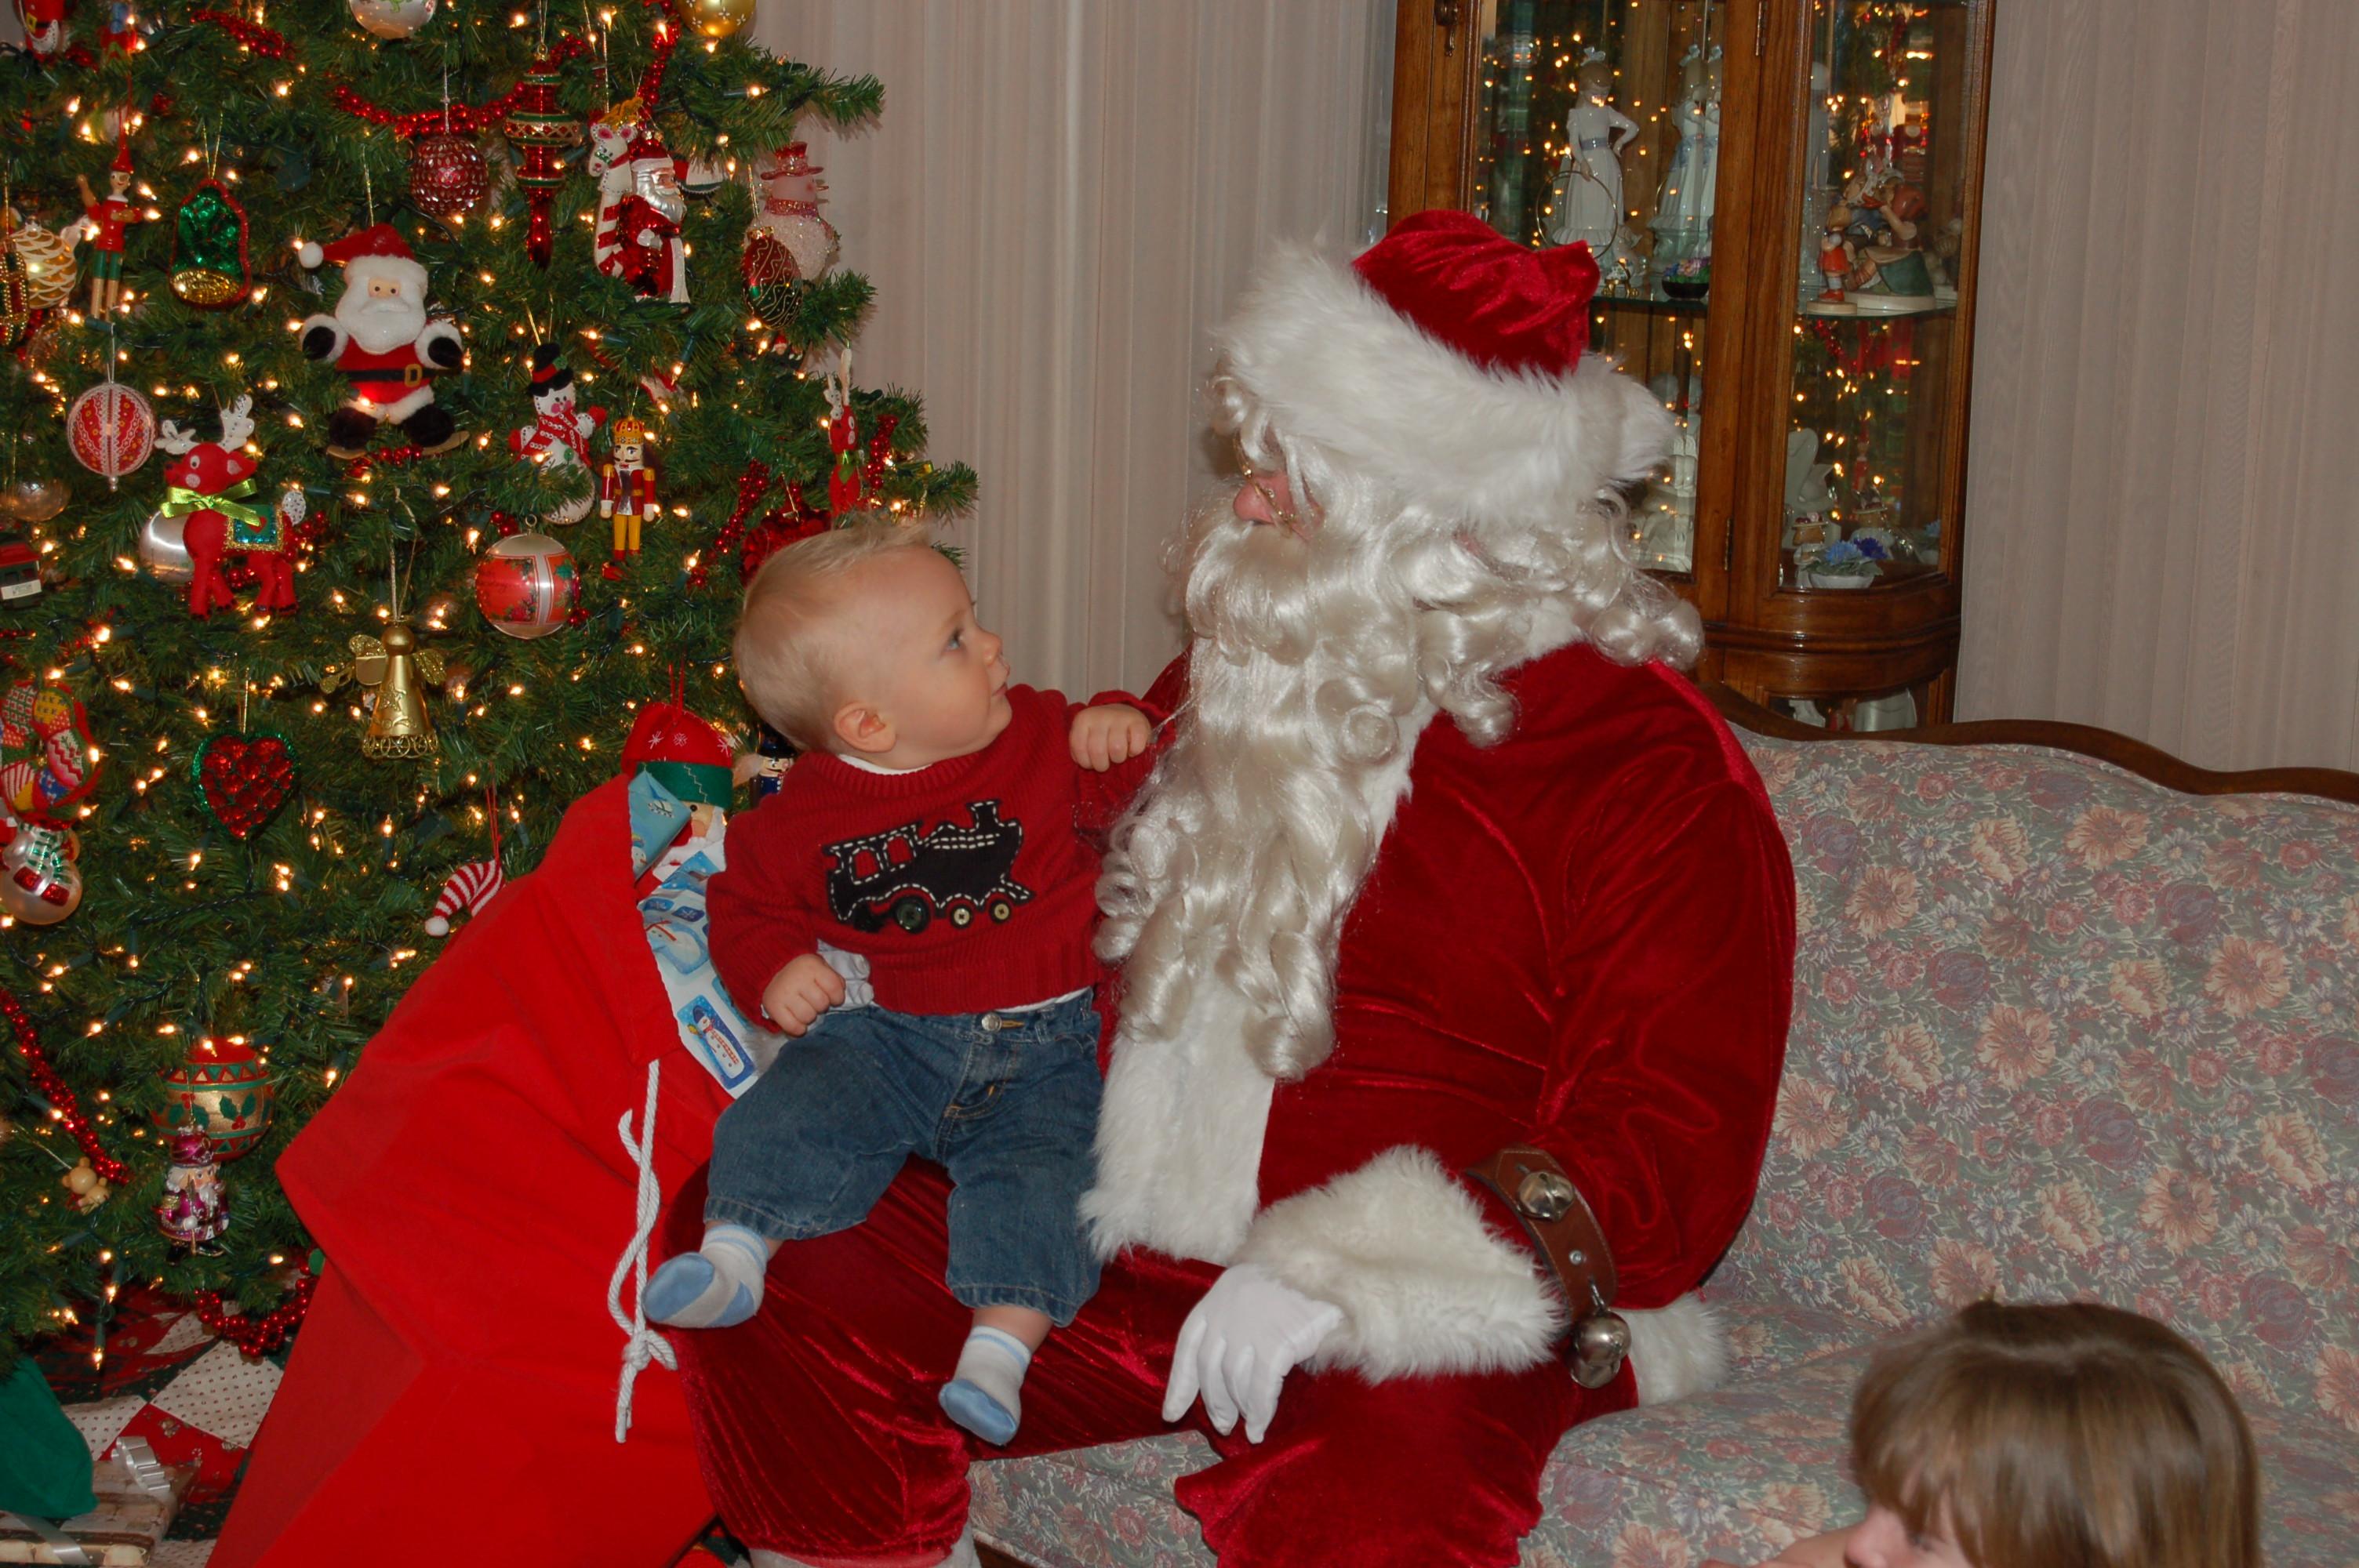 Celebrating with Santa